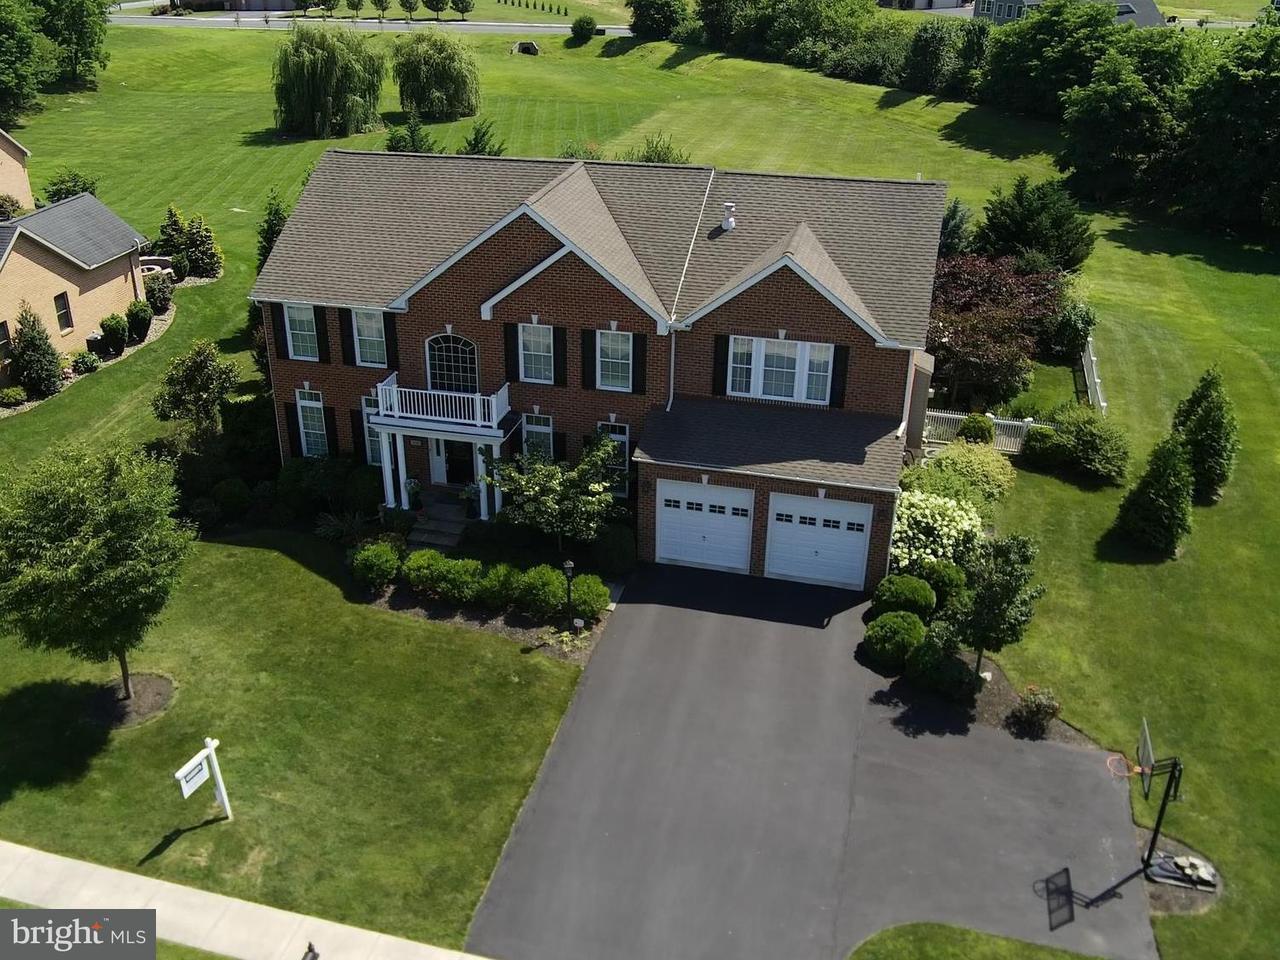 Casa Unifamiliar por un Venta en 126 Carowinds Drive 126 Carowinds Drive Greencastle, Pennsylvania 17225 Estados Unidos